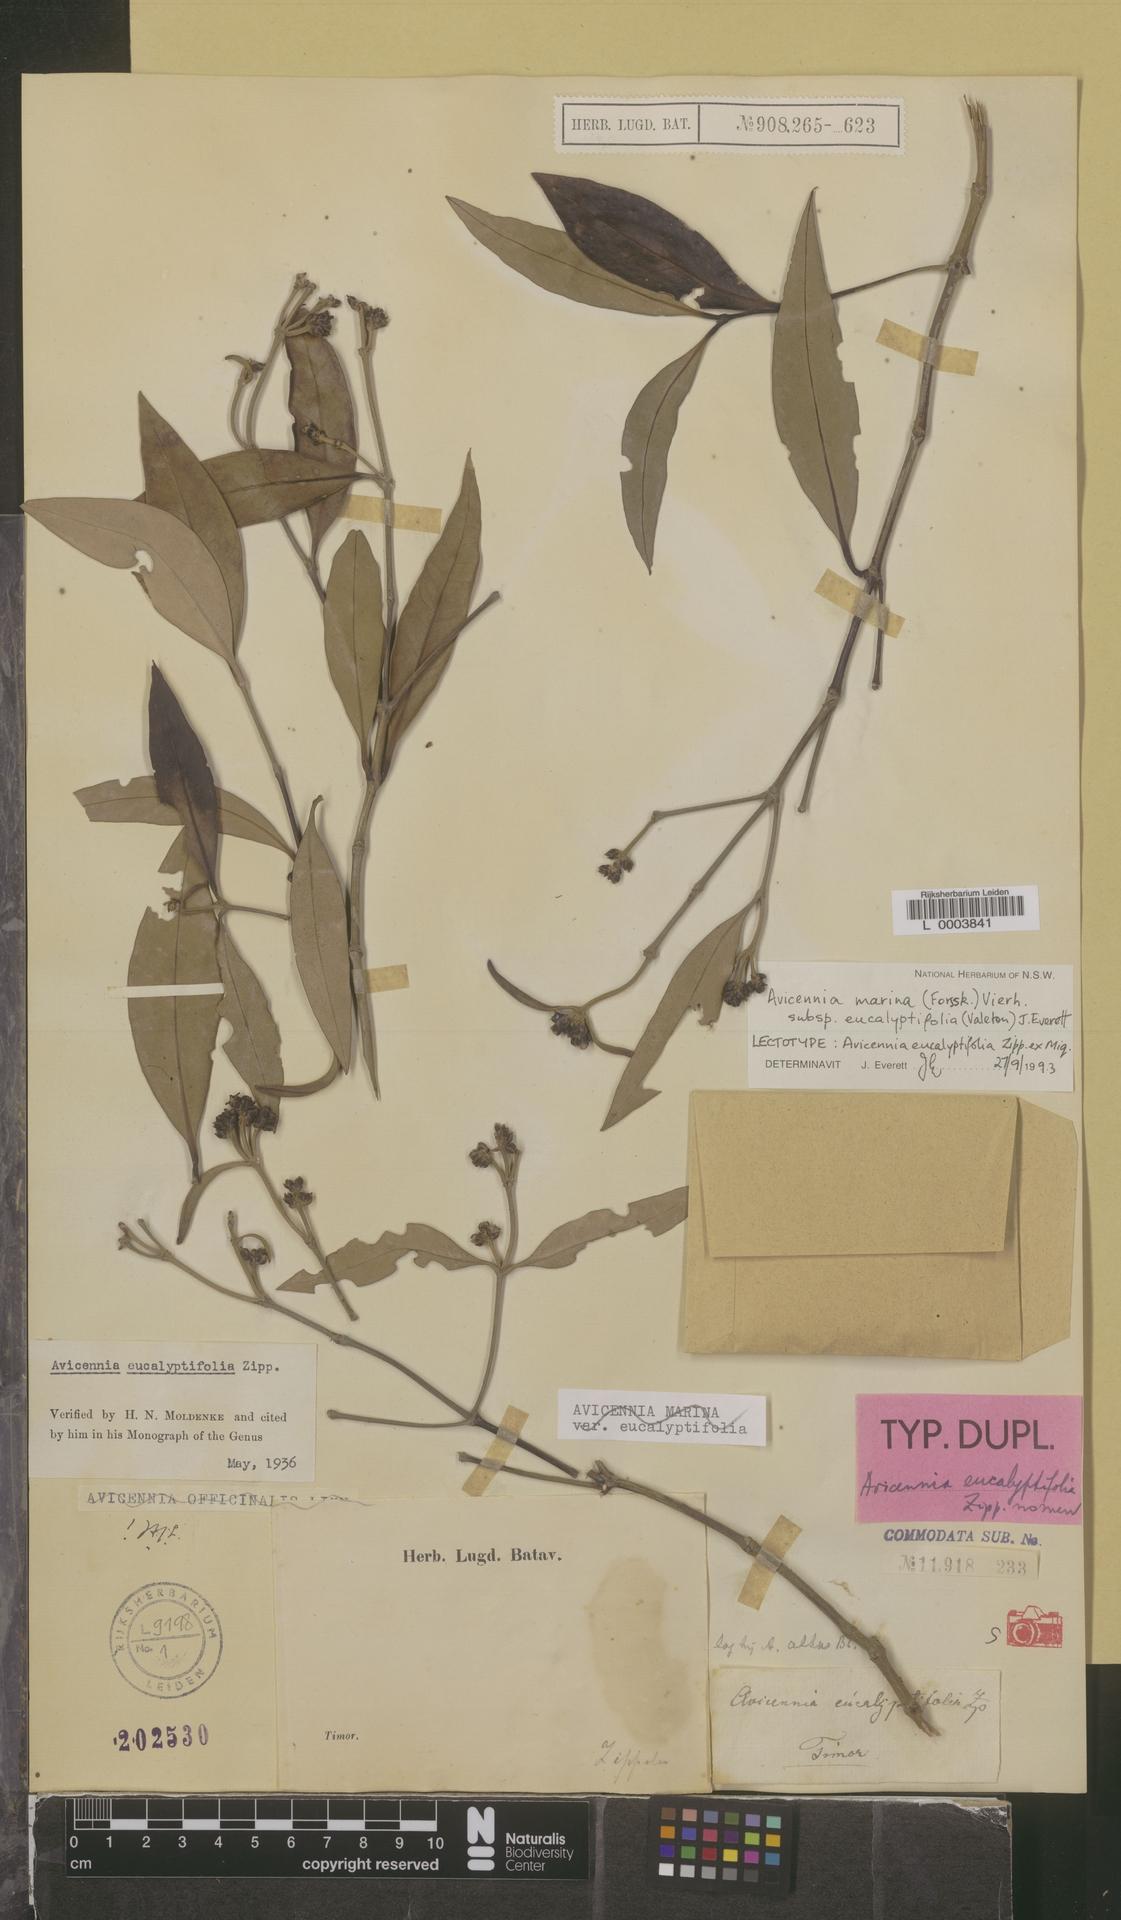 L  0003841   Avicennia marina subsp. eucalyptifolia (Valeton) J.Everett